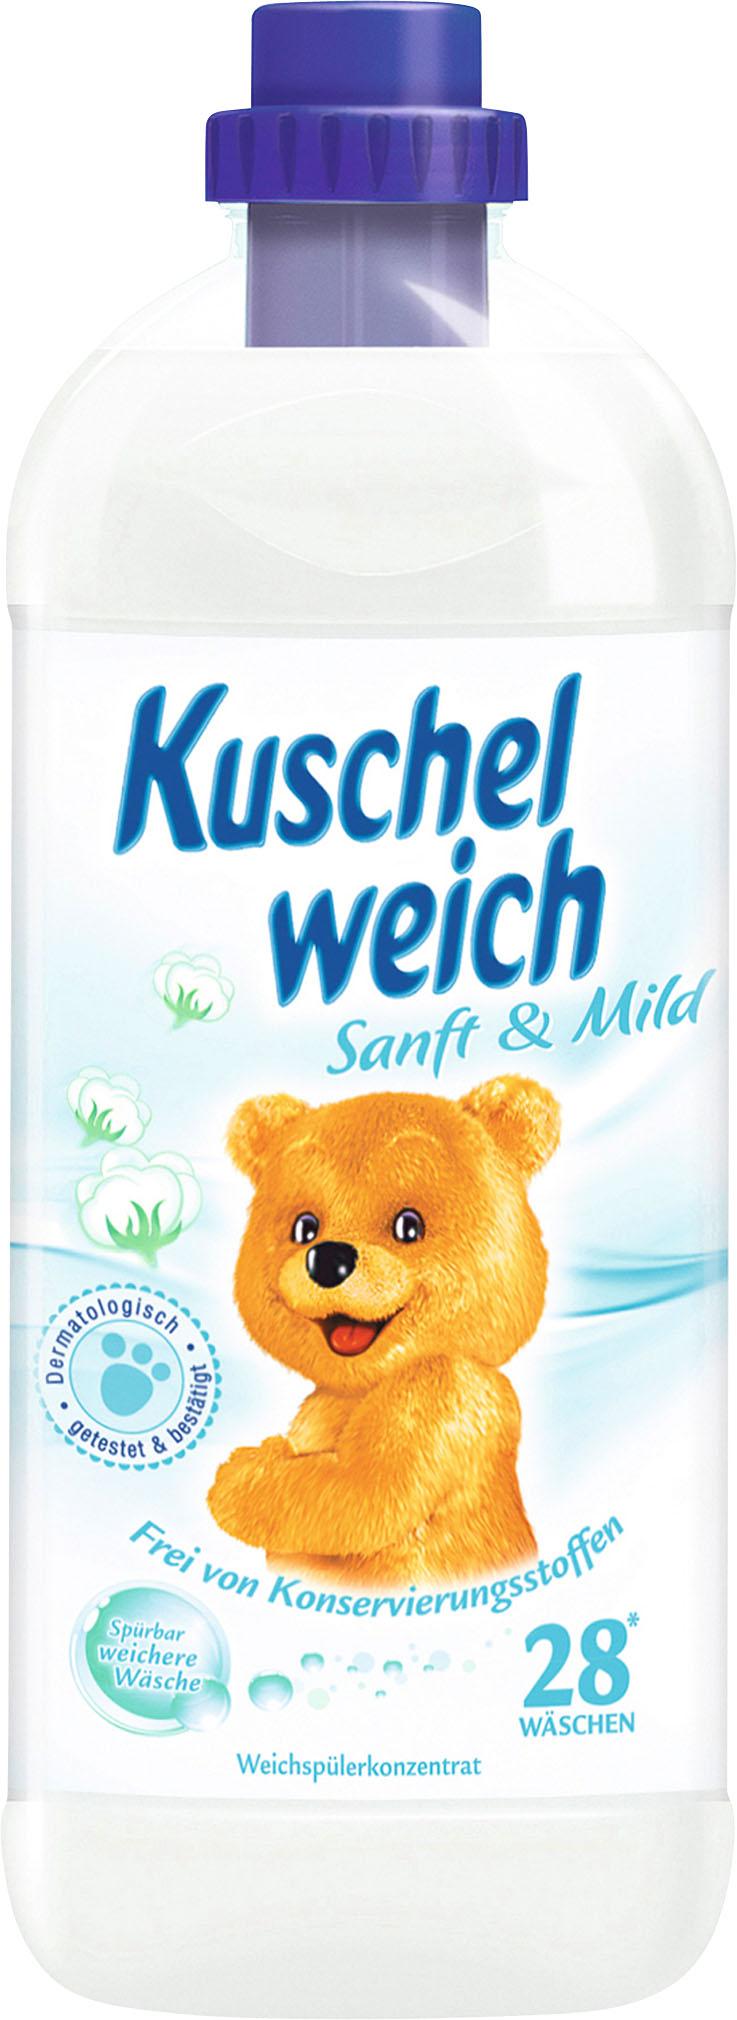 KAUFLAND - 16.02 - 22.02. Kuschel Weich - Weichspühler 1Liter Flasche nur 88 Cent